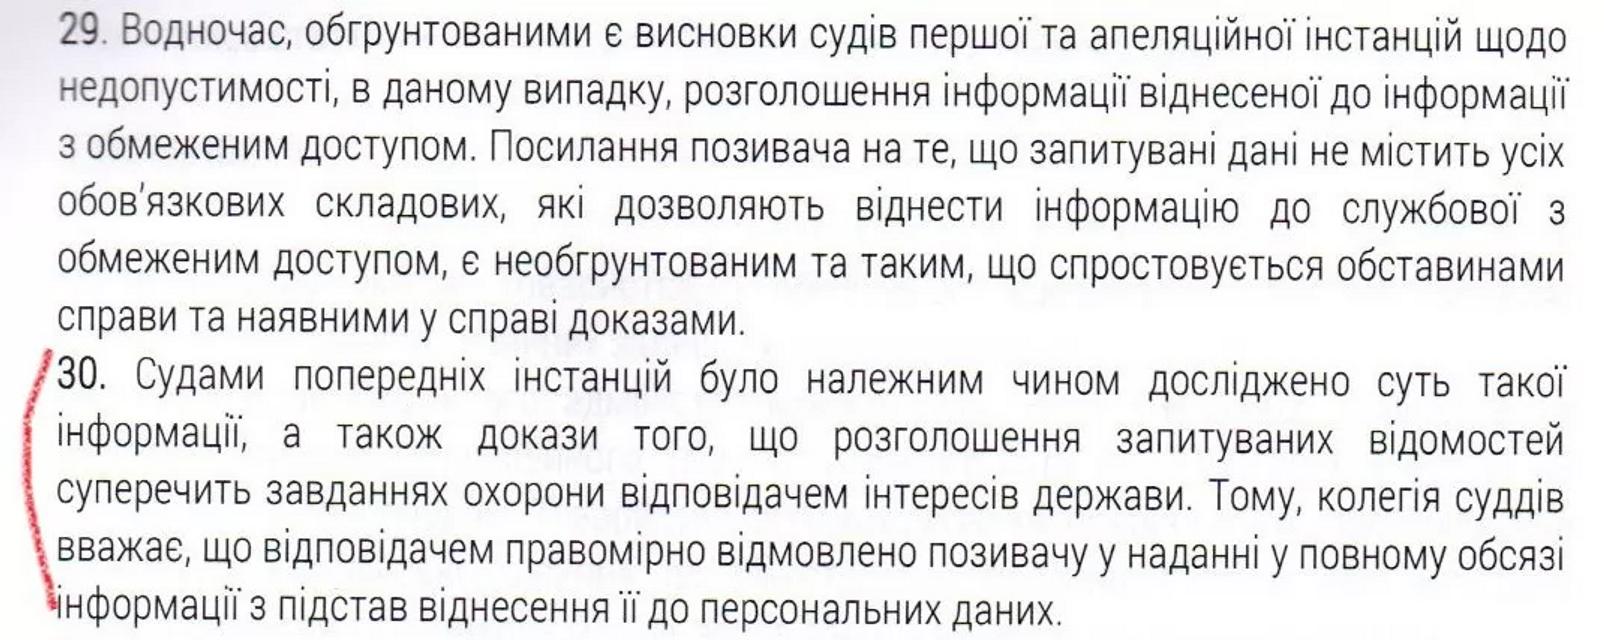 Верховный суд разрешил Авакову и министру обороны тайно раздавать оружие кому угодно - фото 187083